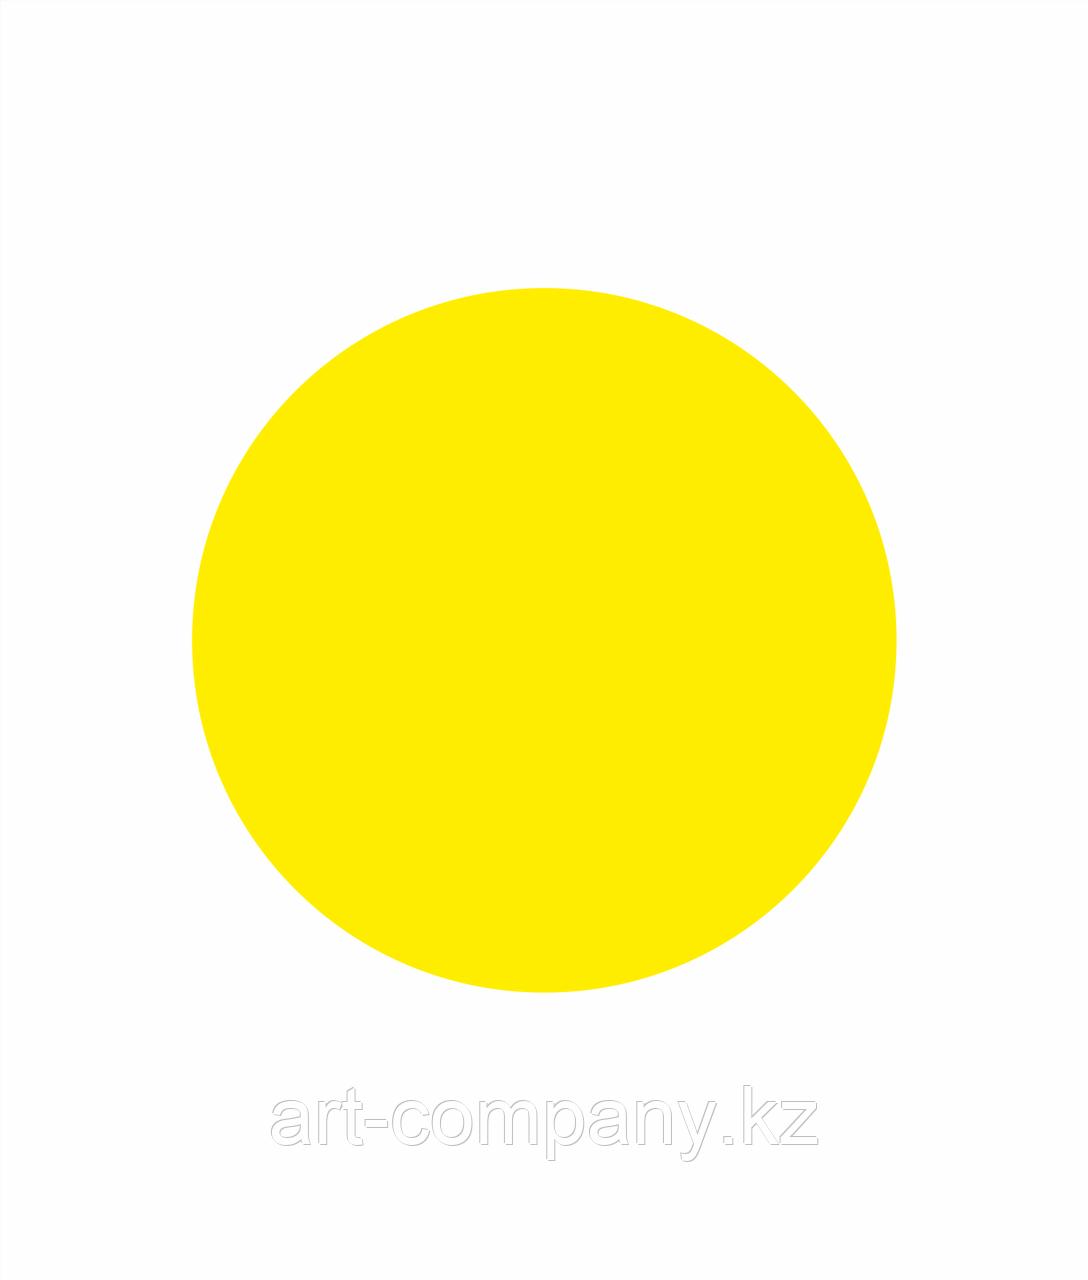 Желтый круг Предупредительный знак для слабовидящих людей